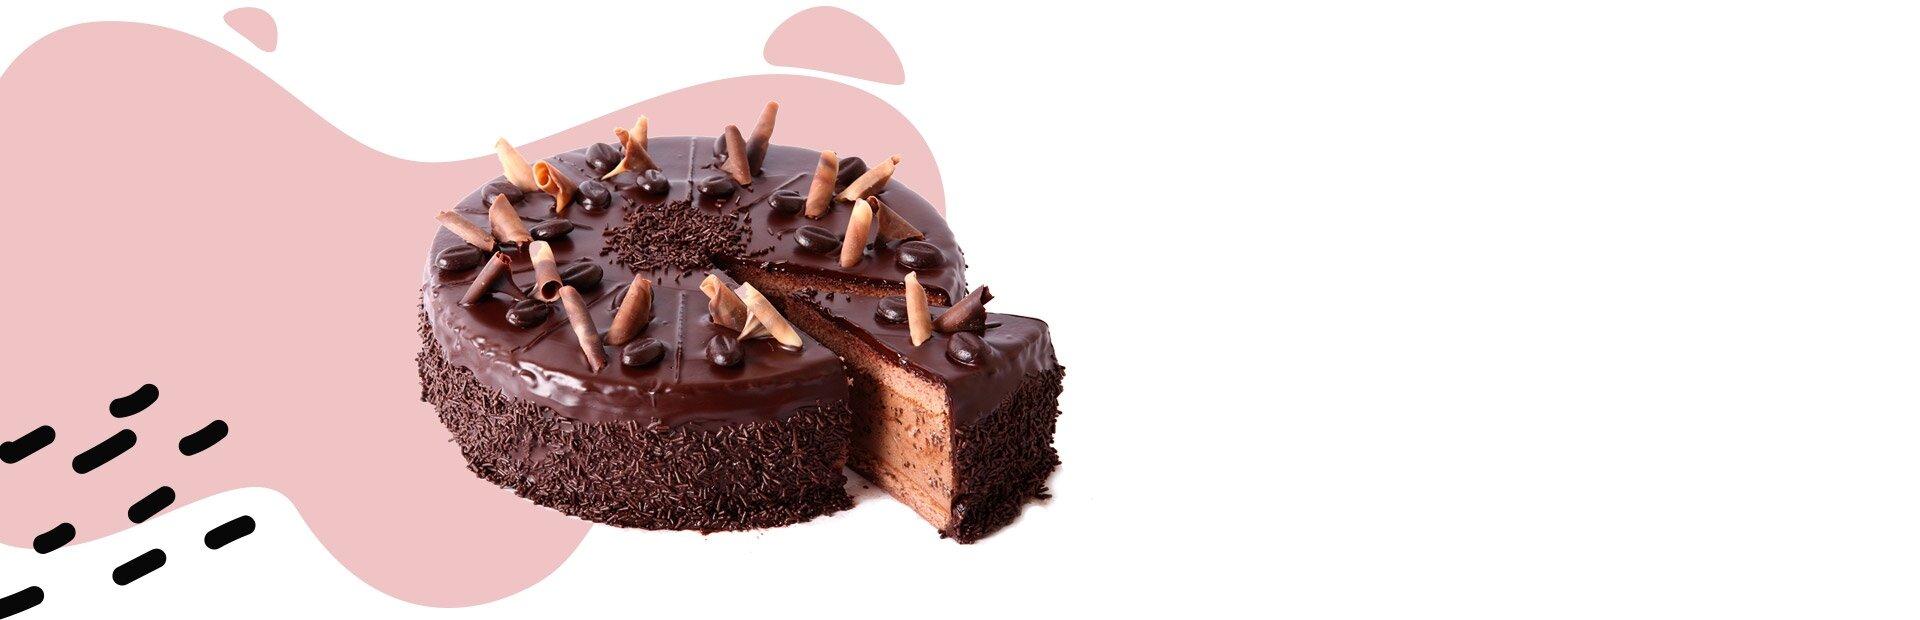 עוגות בן עמי